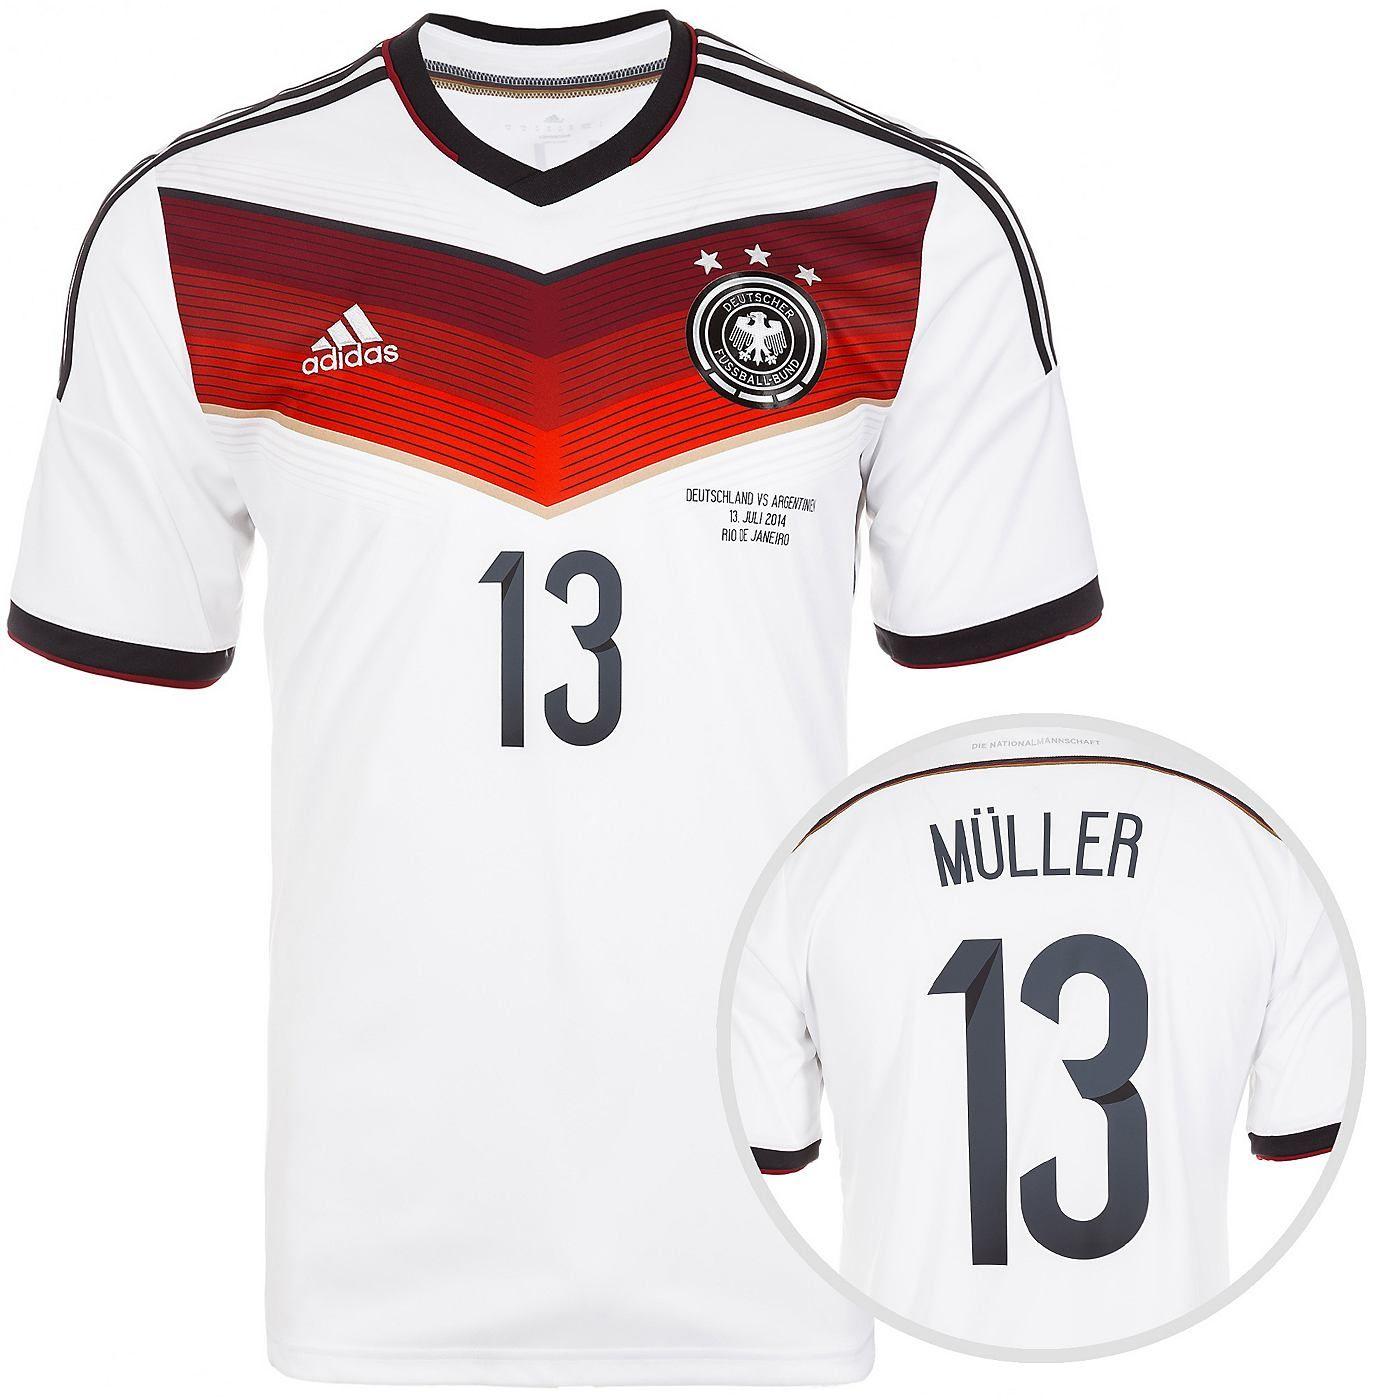 Adidas Adidas Trikot Deutschland 2014 Weltmeisterschaft